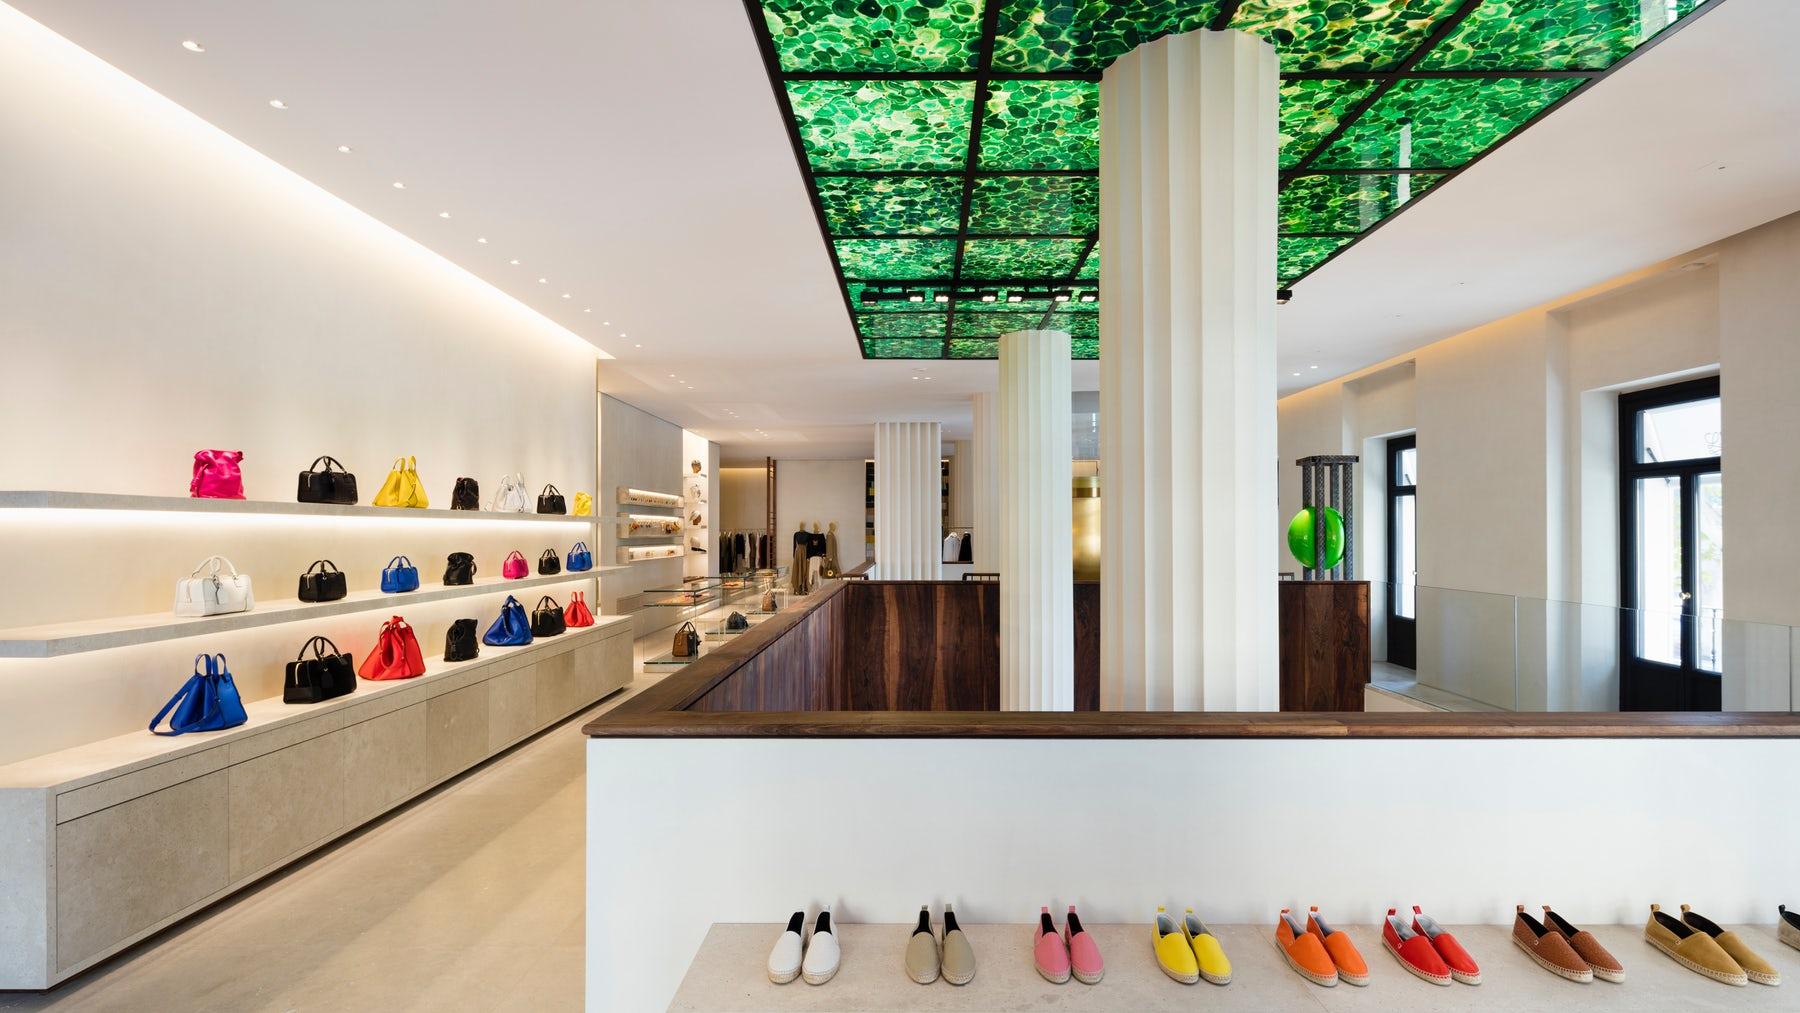 Casa de Loewe, the Loewe flagship in Madrid, Spain | Source: Courtesy